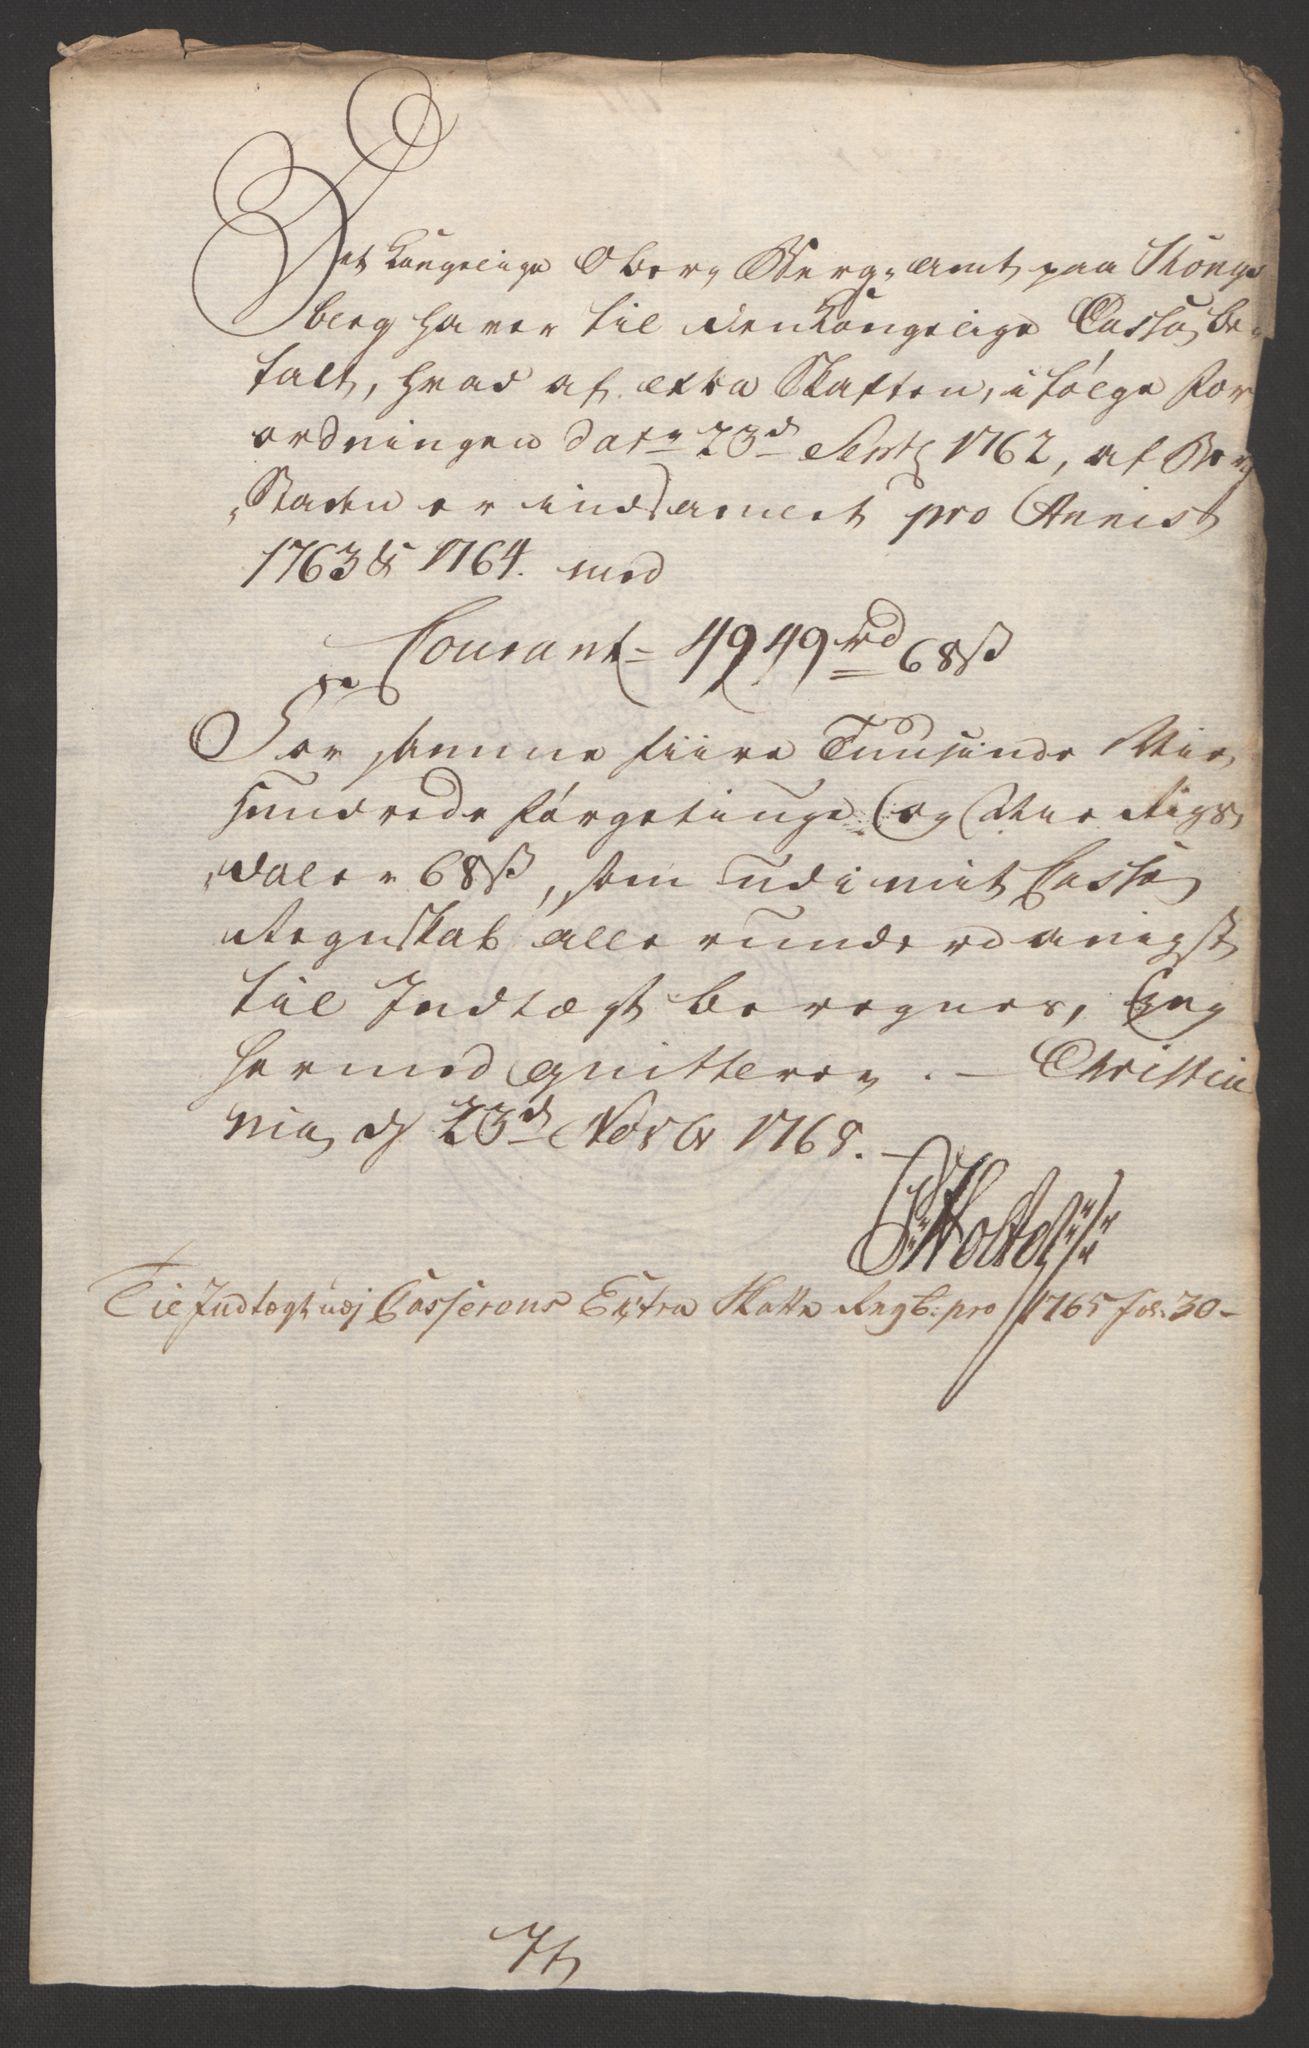 RA, Rentekammeret inntil 1814, Reviderte regnskaper, Bergverksregnskaper, R/Rc/Rca/L0843: Ekstraskatt, 1762-1765, s. 858